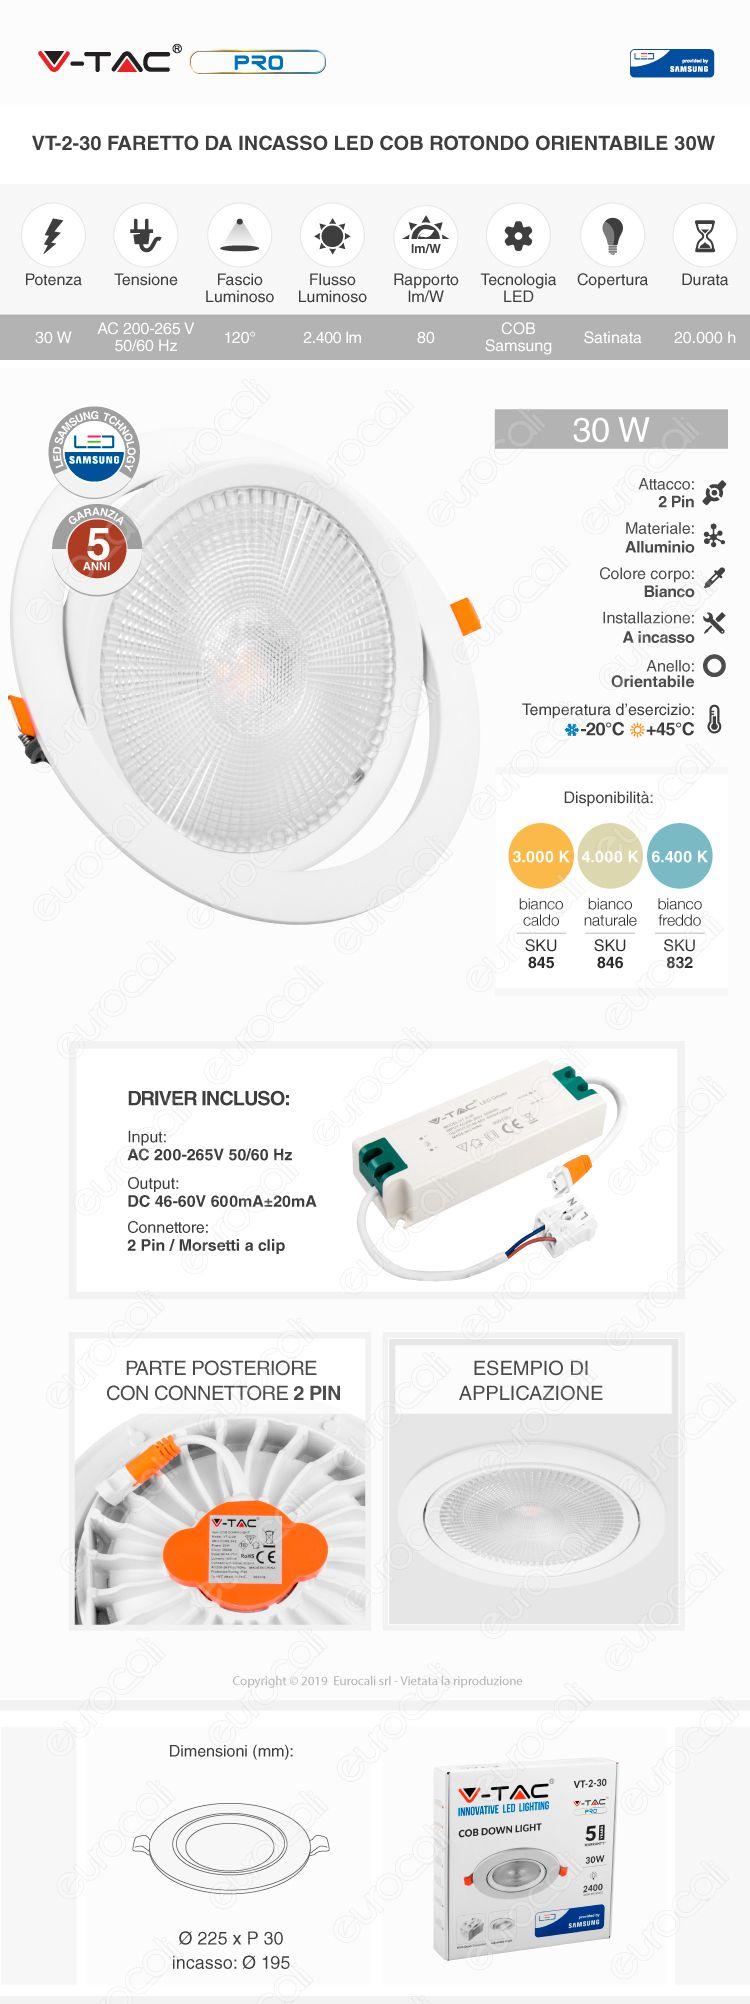 V-Tac PRO VT-2-30 Faretto LED da Incasso Rotondo 30W COB Chip Samsung